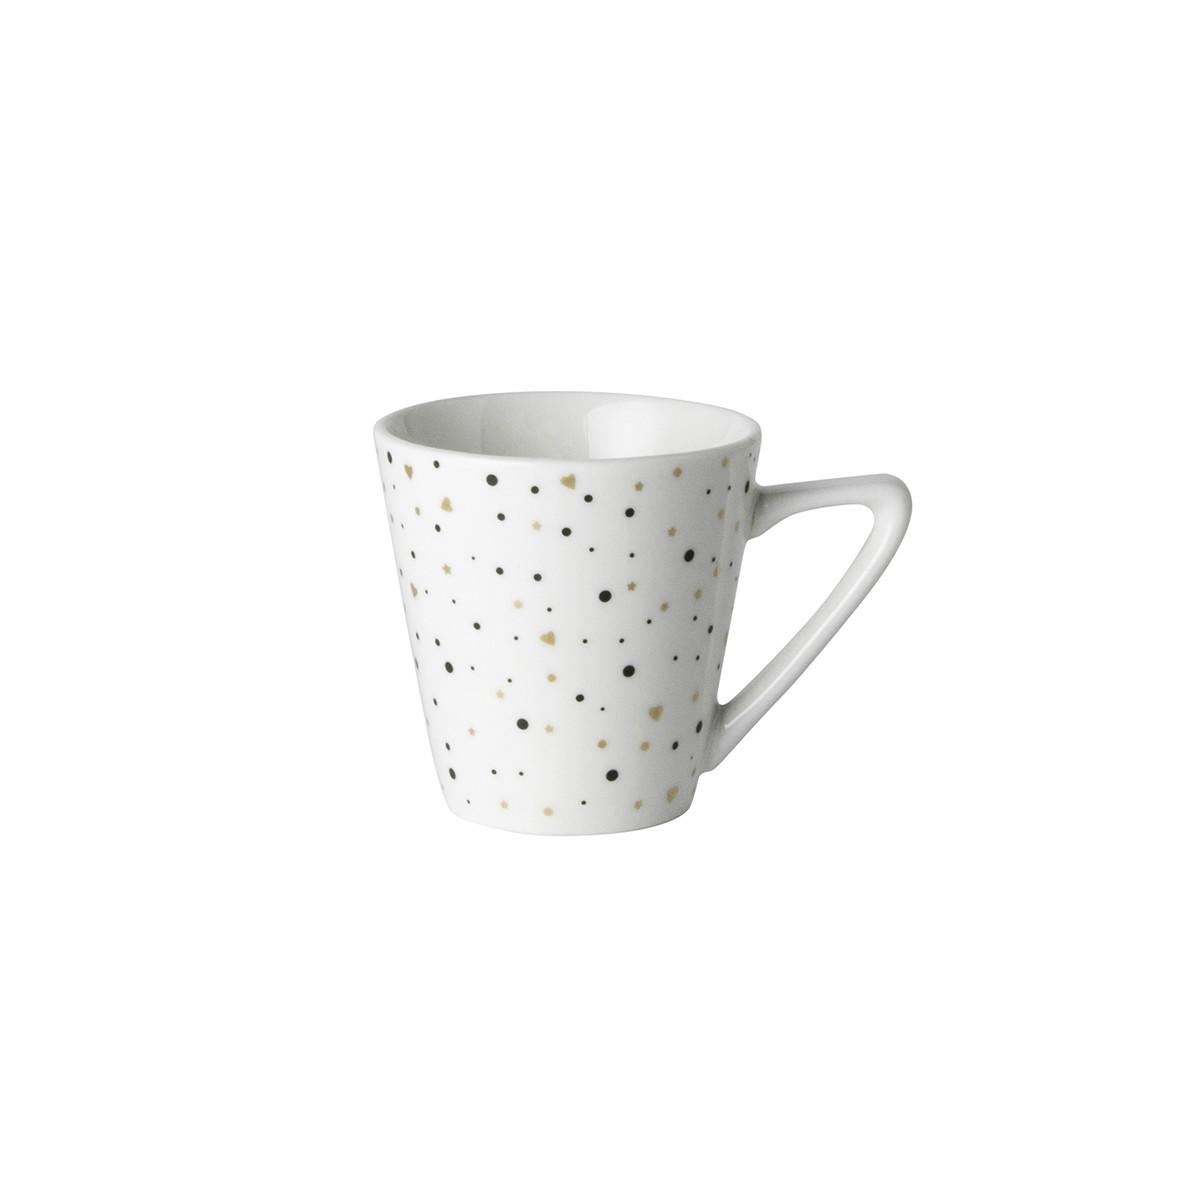 Φλιτζάνι Espresso Dutch Rose White Sparkling home   ειδη cafe τσαϊ   κούπες   φλυτζάνια